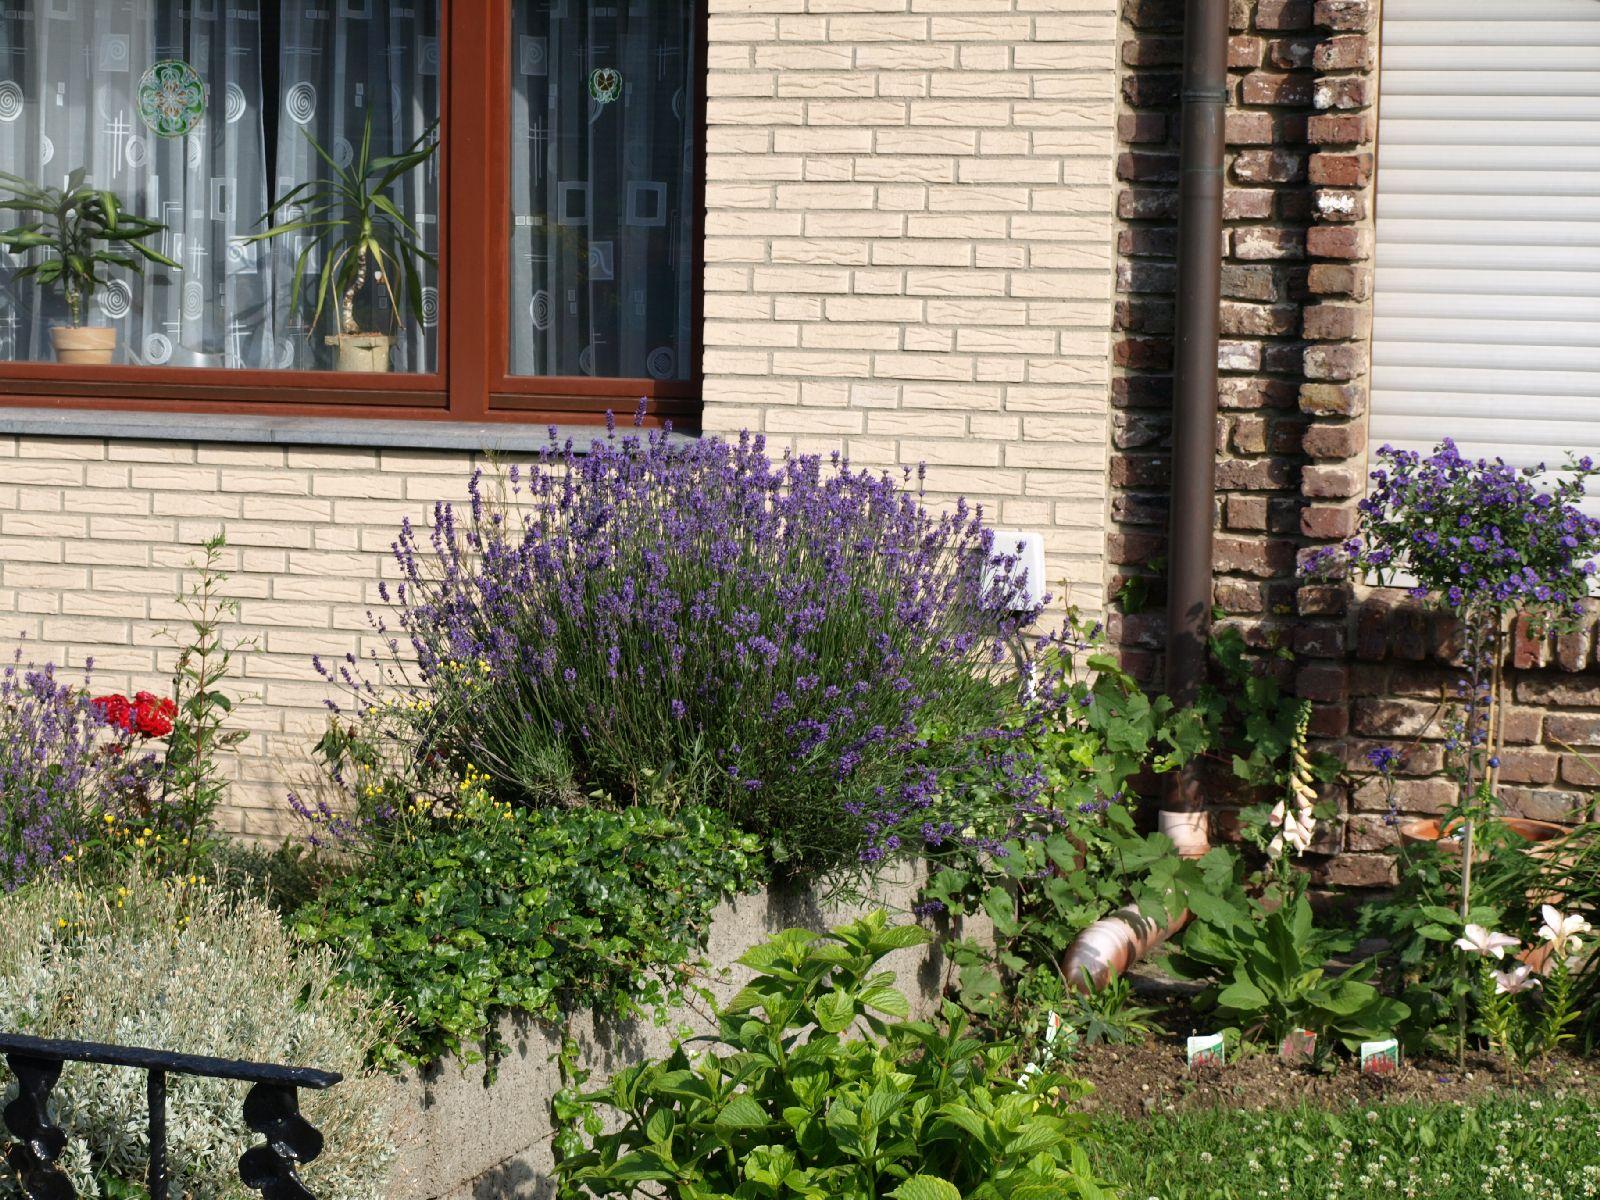 Pflanzen-Blumen-Foto_Textur_B_P6293861